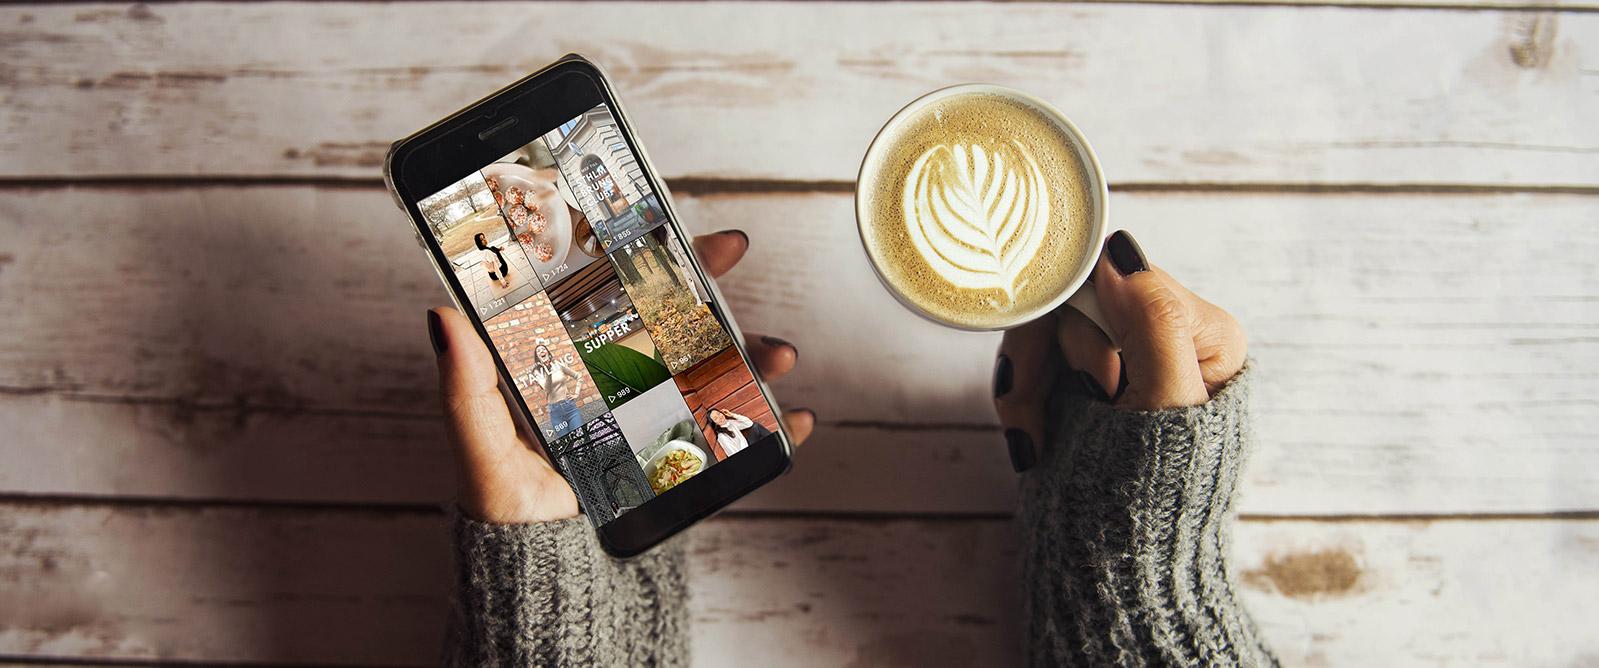 En kvinnas händer håller i en kaffekopp och en mobil med Reels öppen